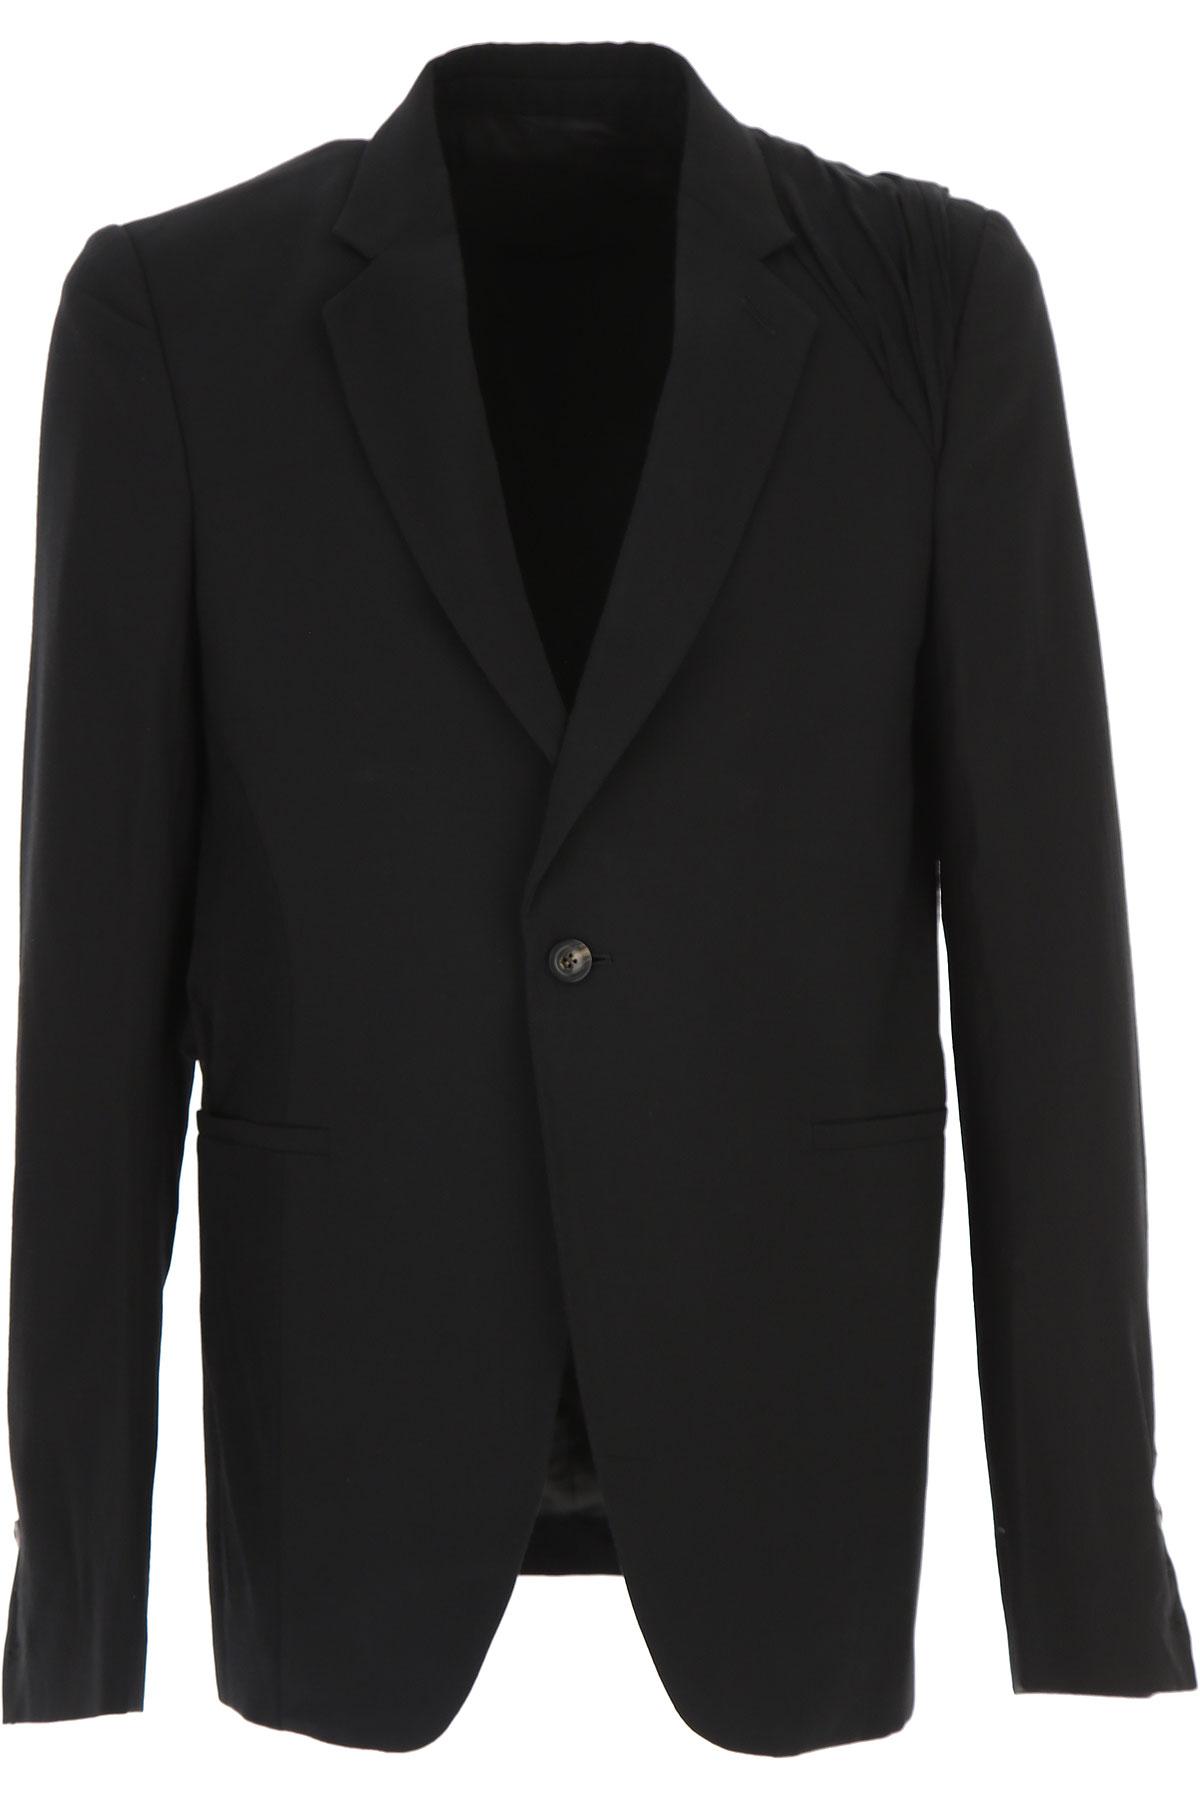 Image of Rick Owens Blazer for Men, Sport Coat On Sale in Outlet, Black, Wool, 2017, L XL